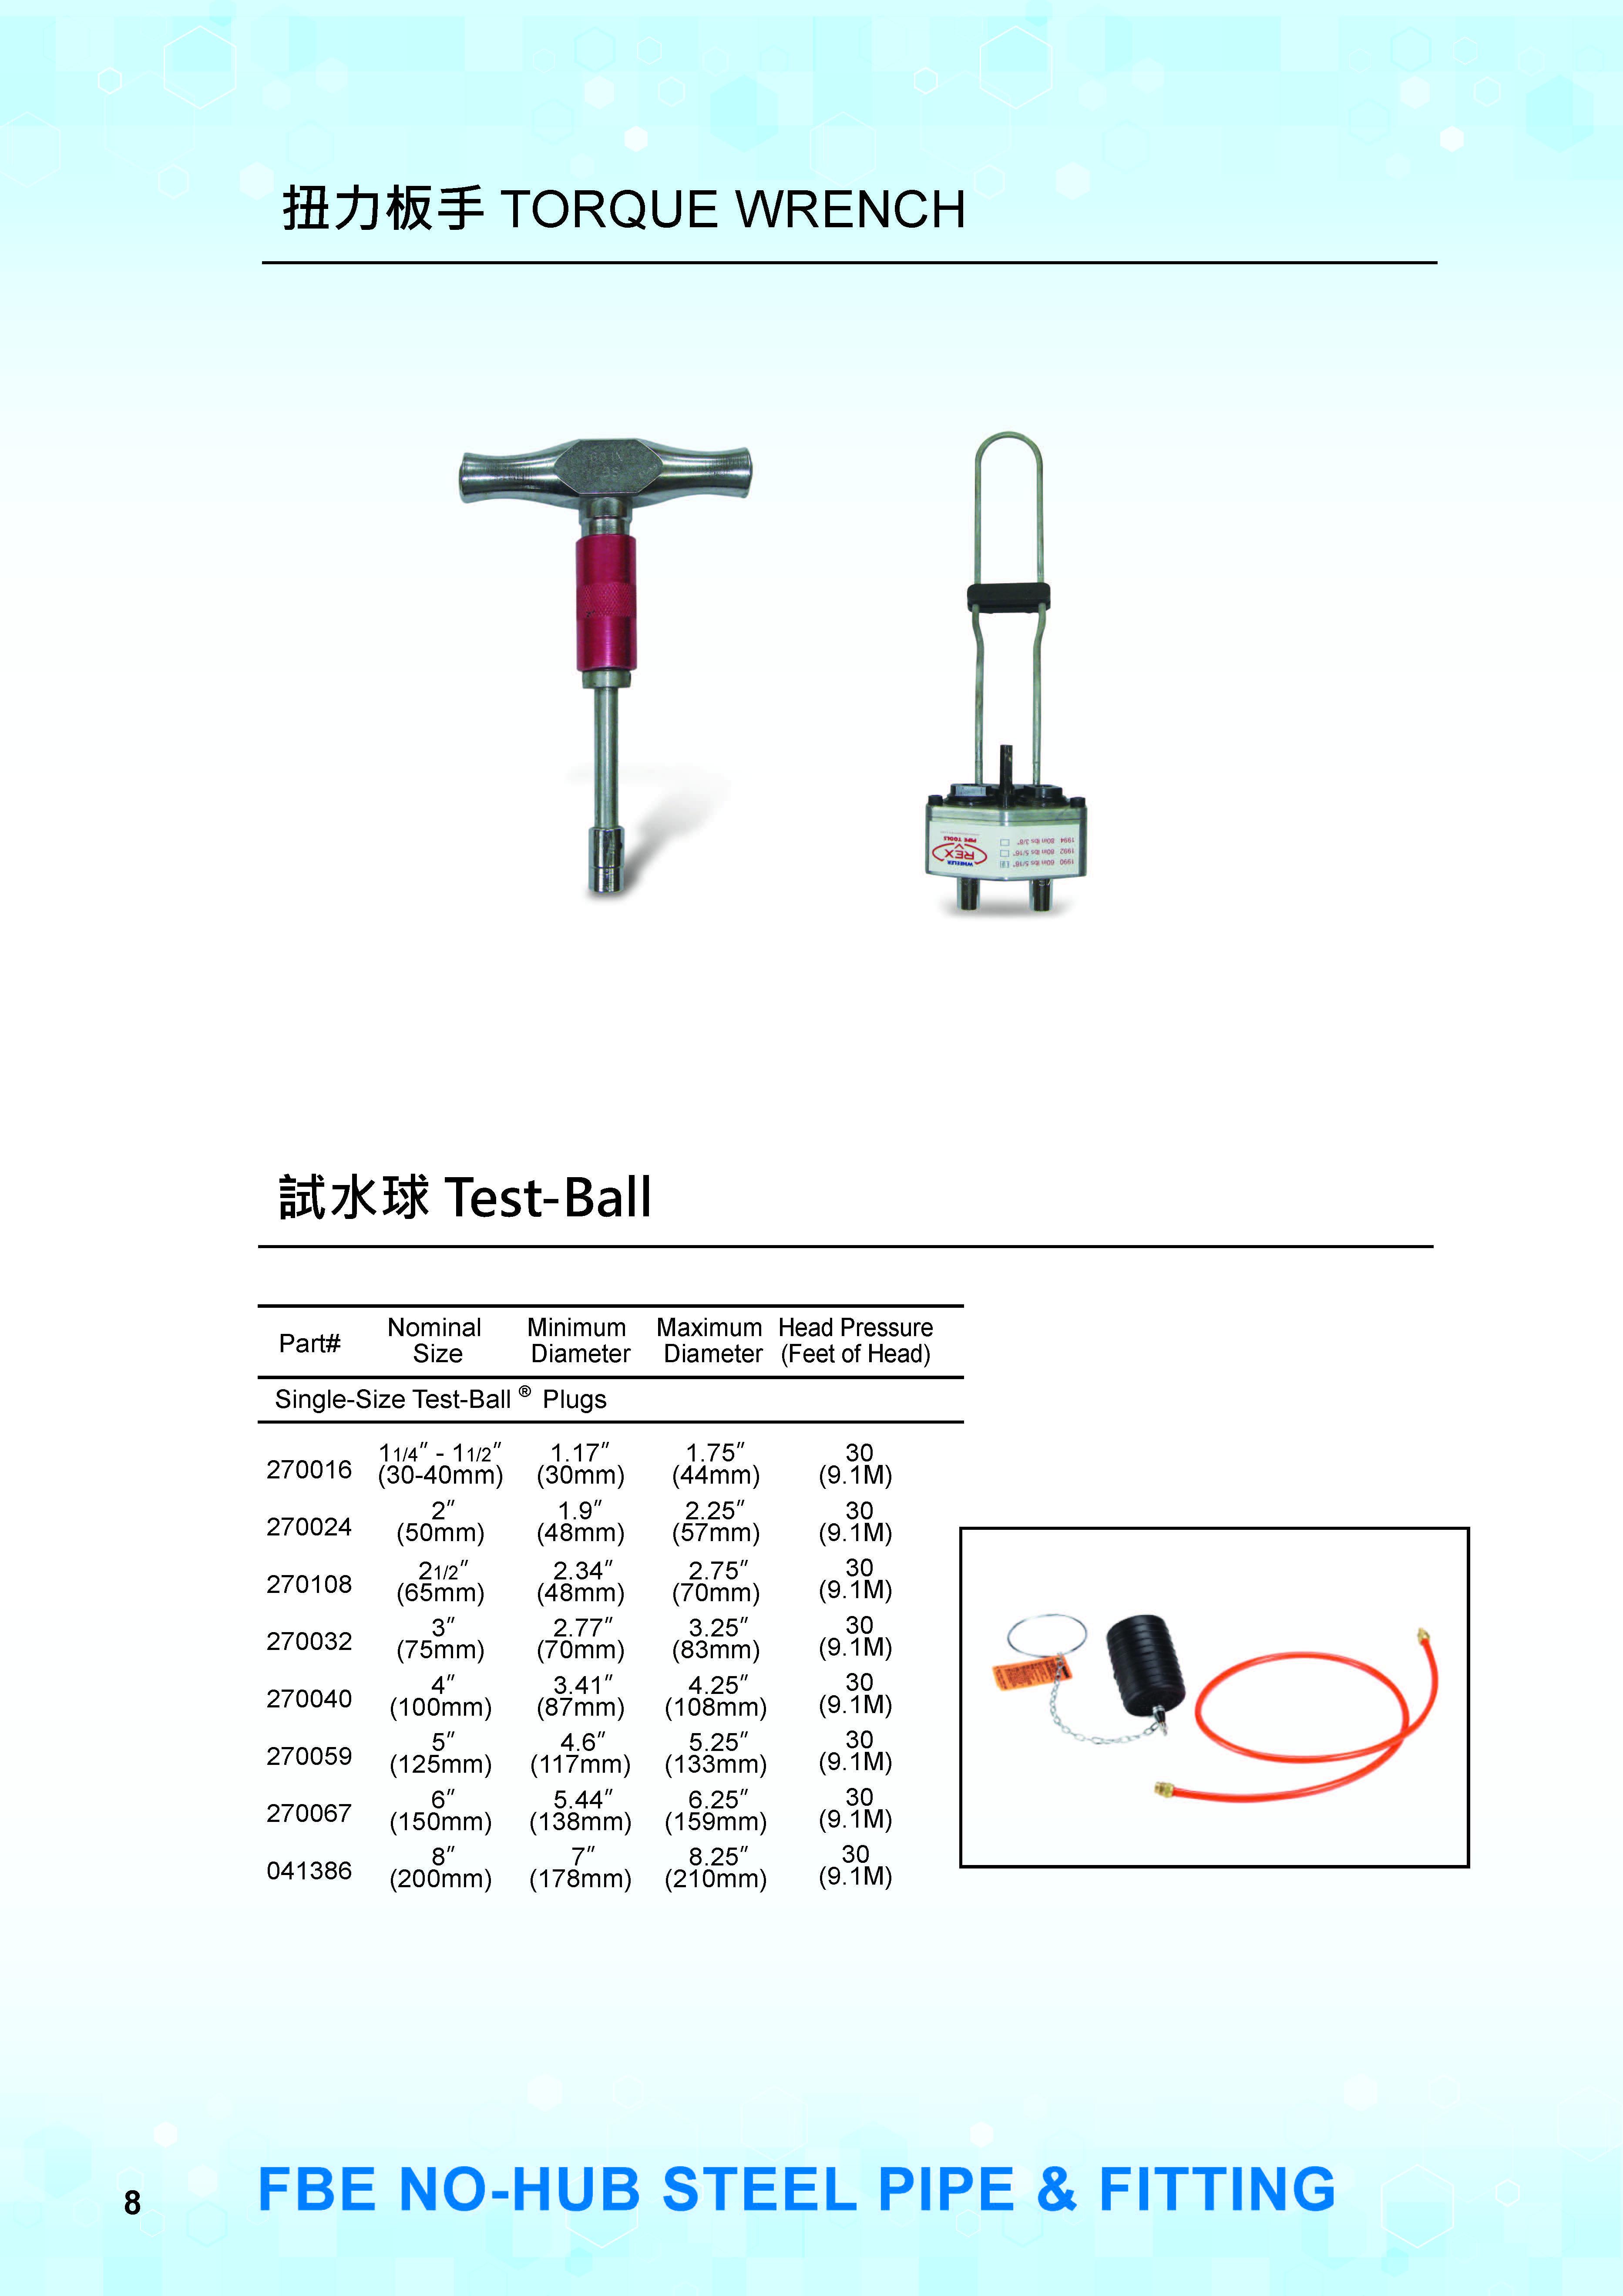 FBE環氧樹脂粉體塗裝鋼管及平口式另件_頁面_10